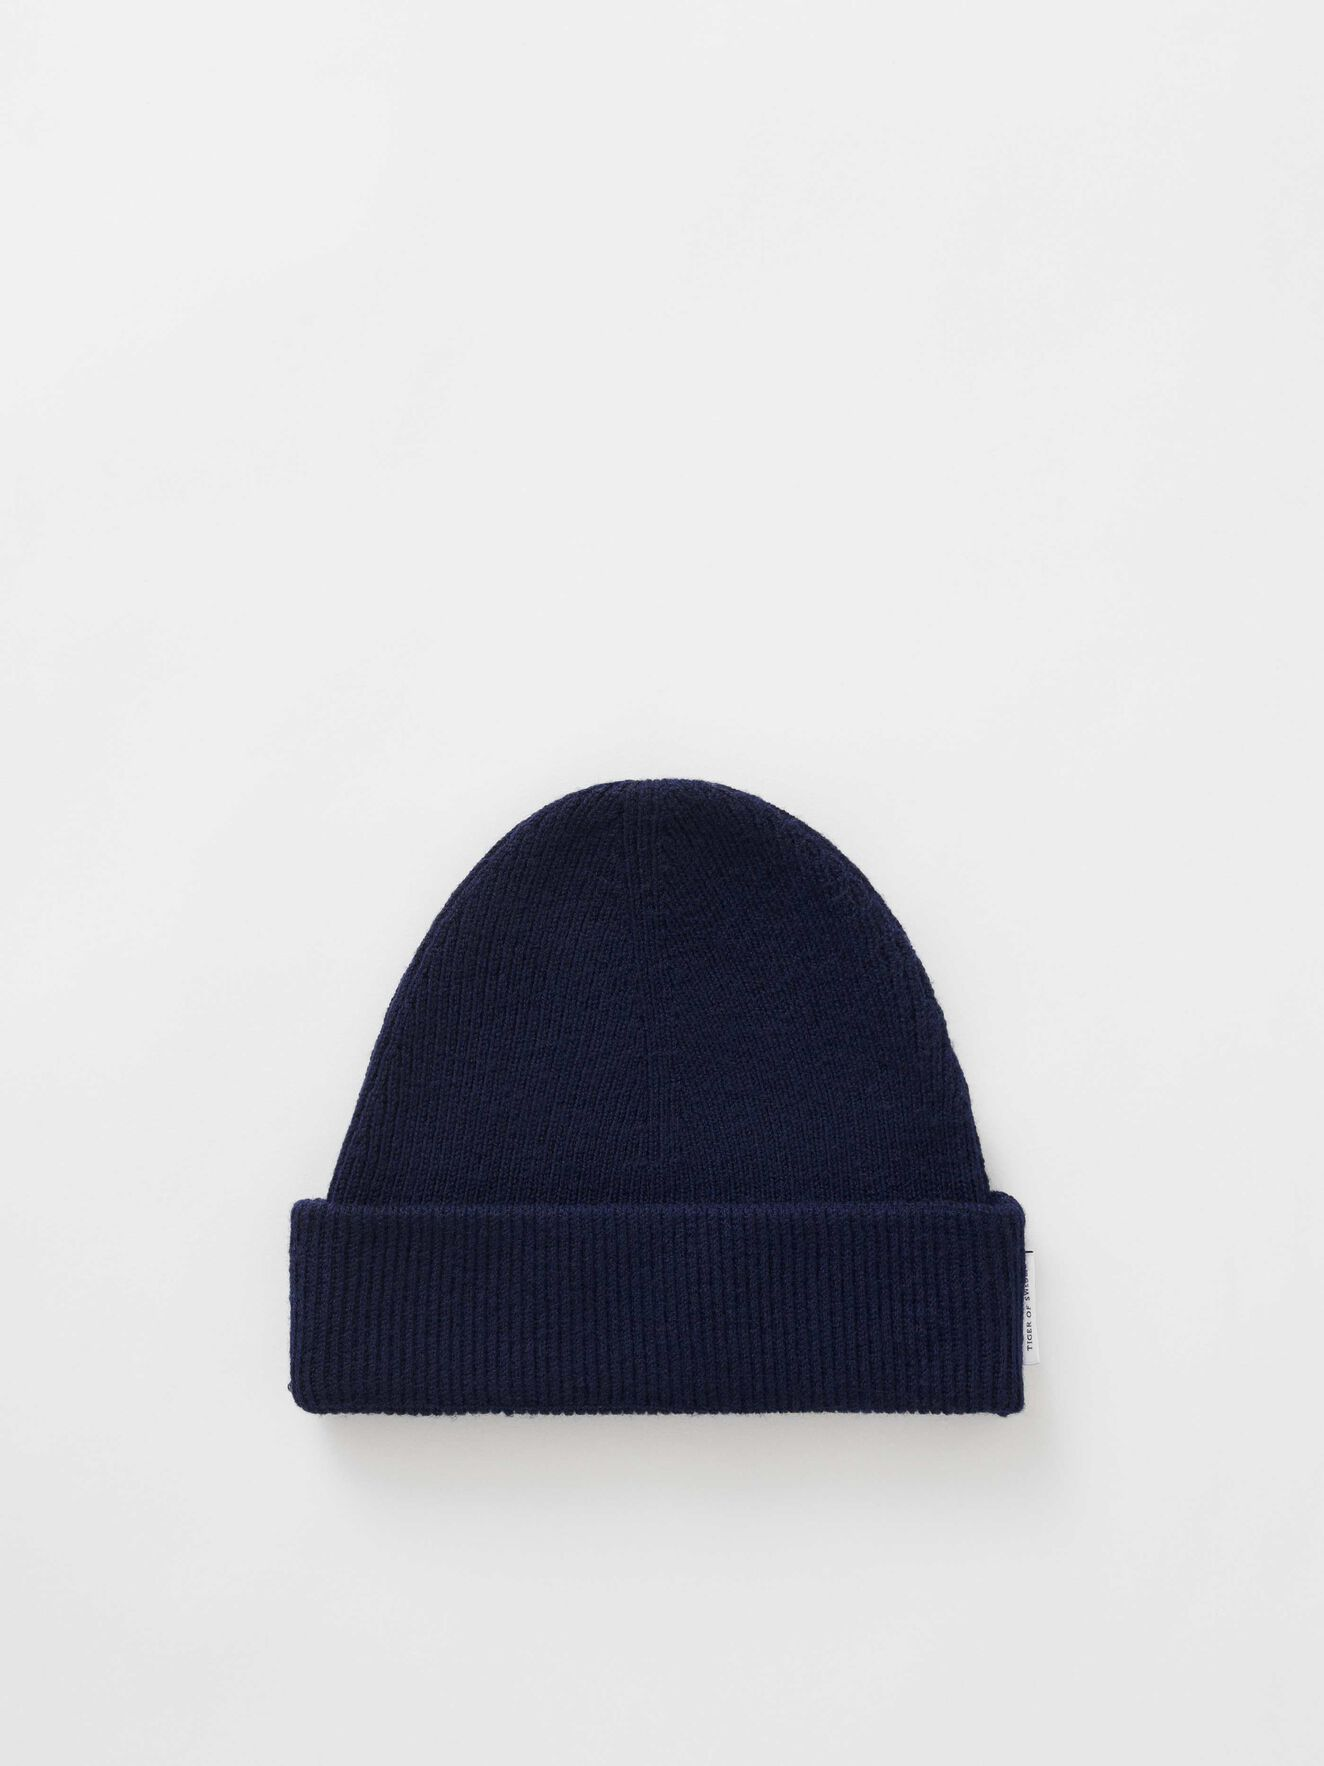 036dc616c5f0b Hats & Gloves - Tiger of Sweden Official Online Shop